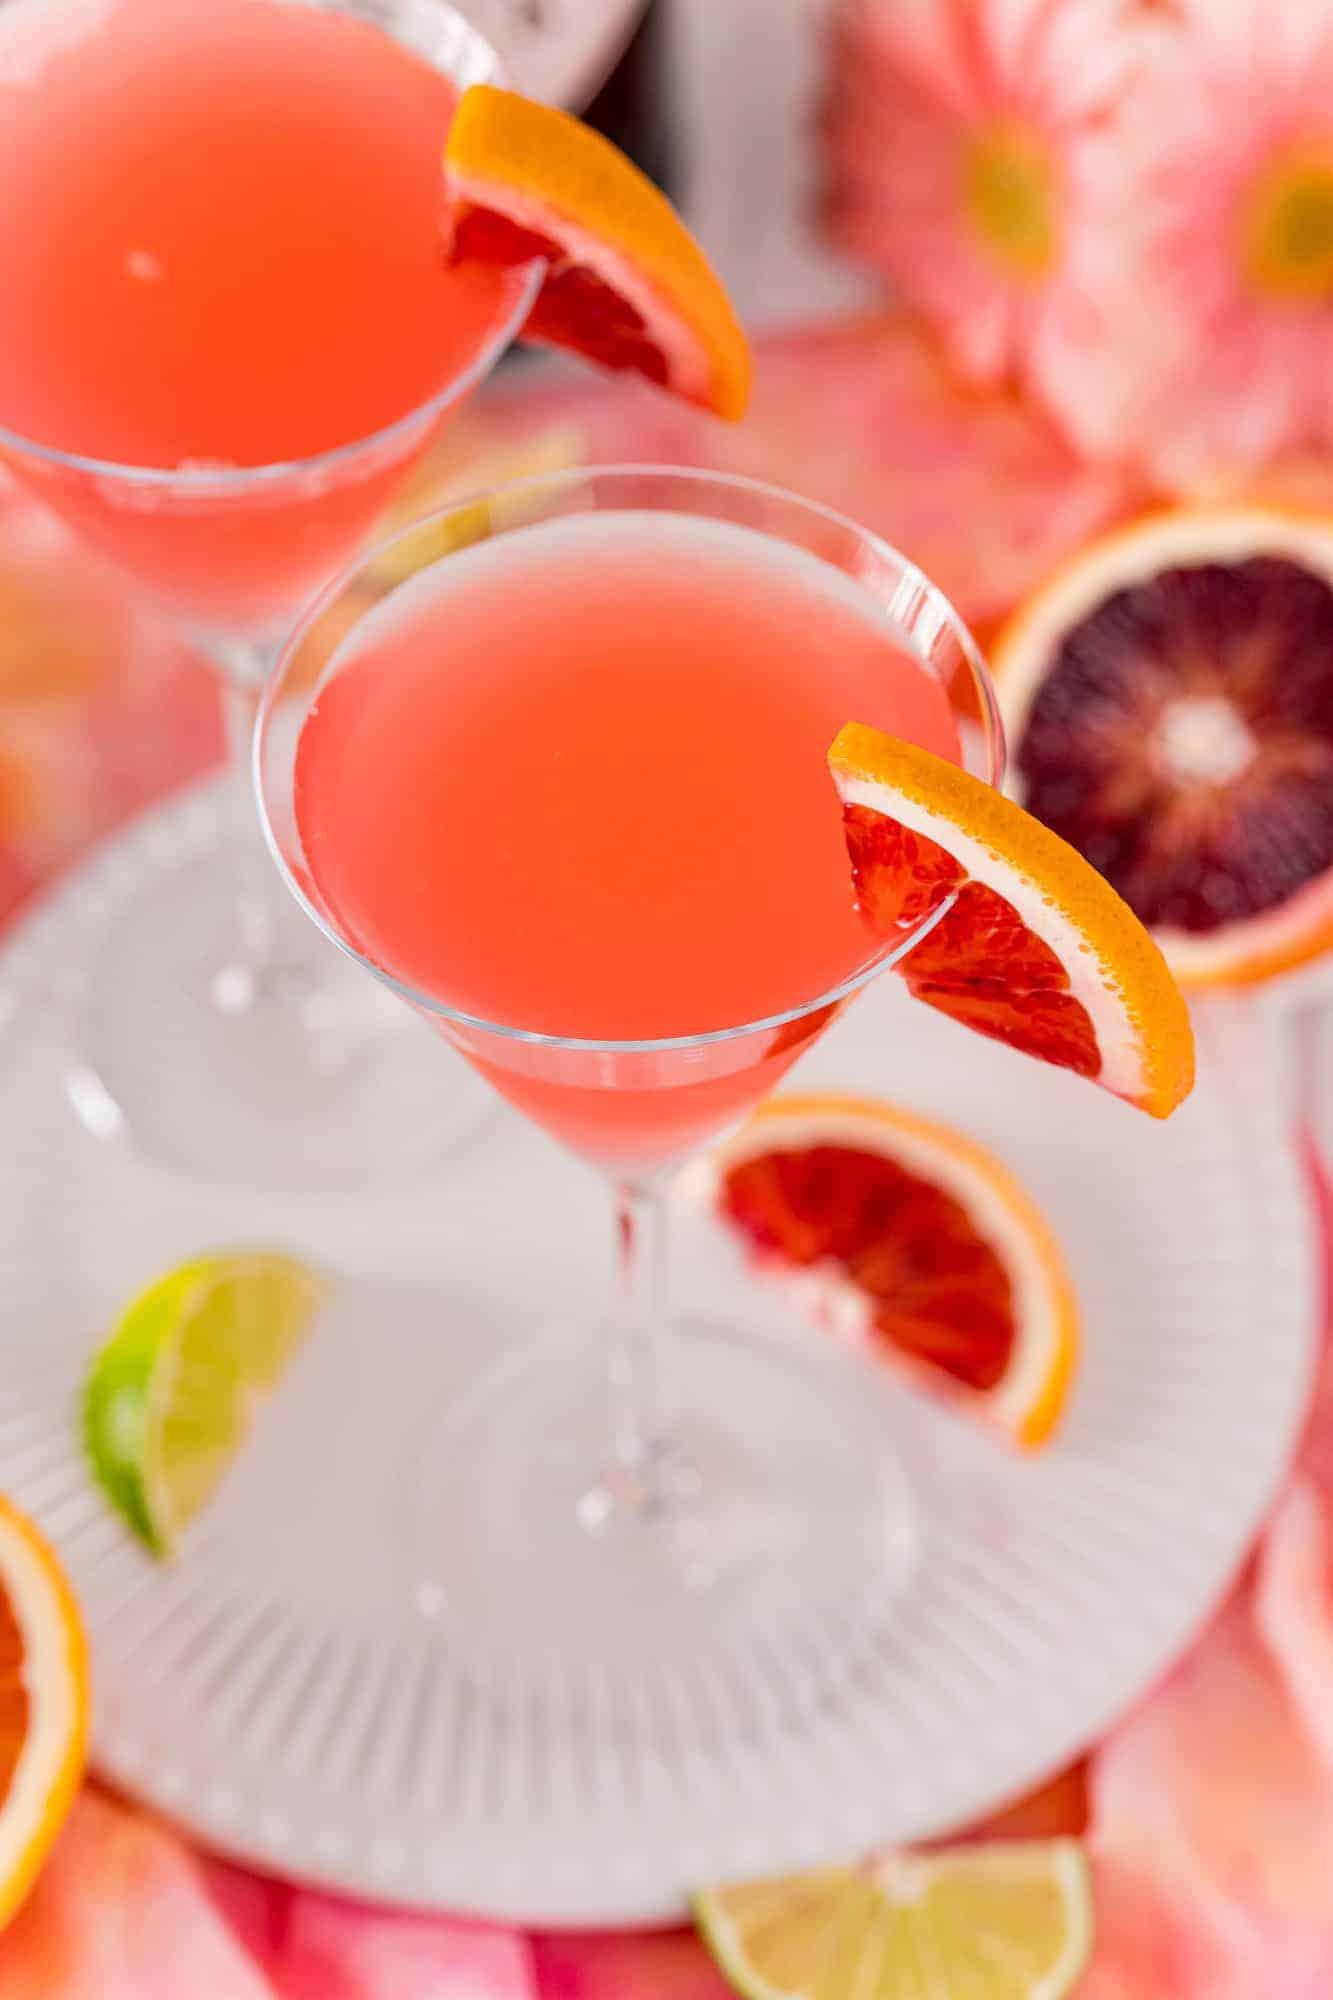 Blood orange martini on a white tray, garnished with orange wedges.